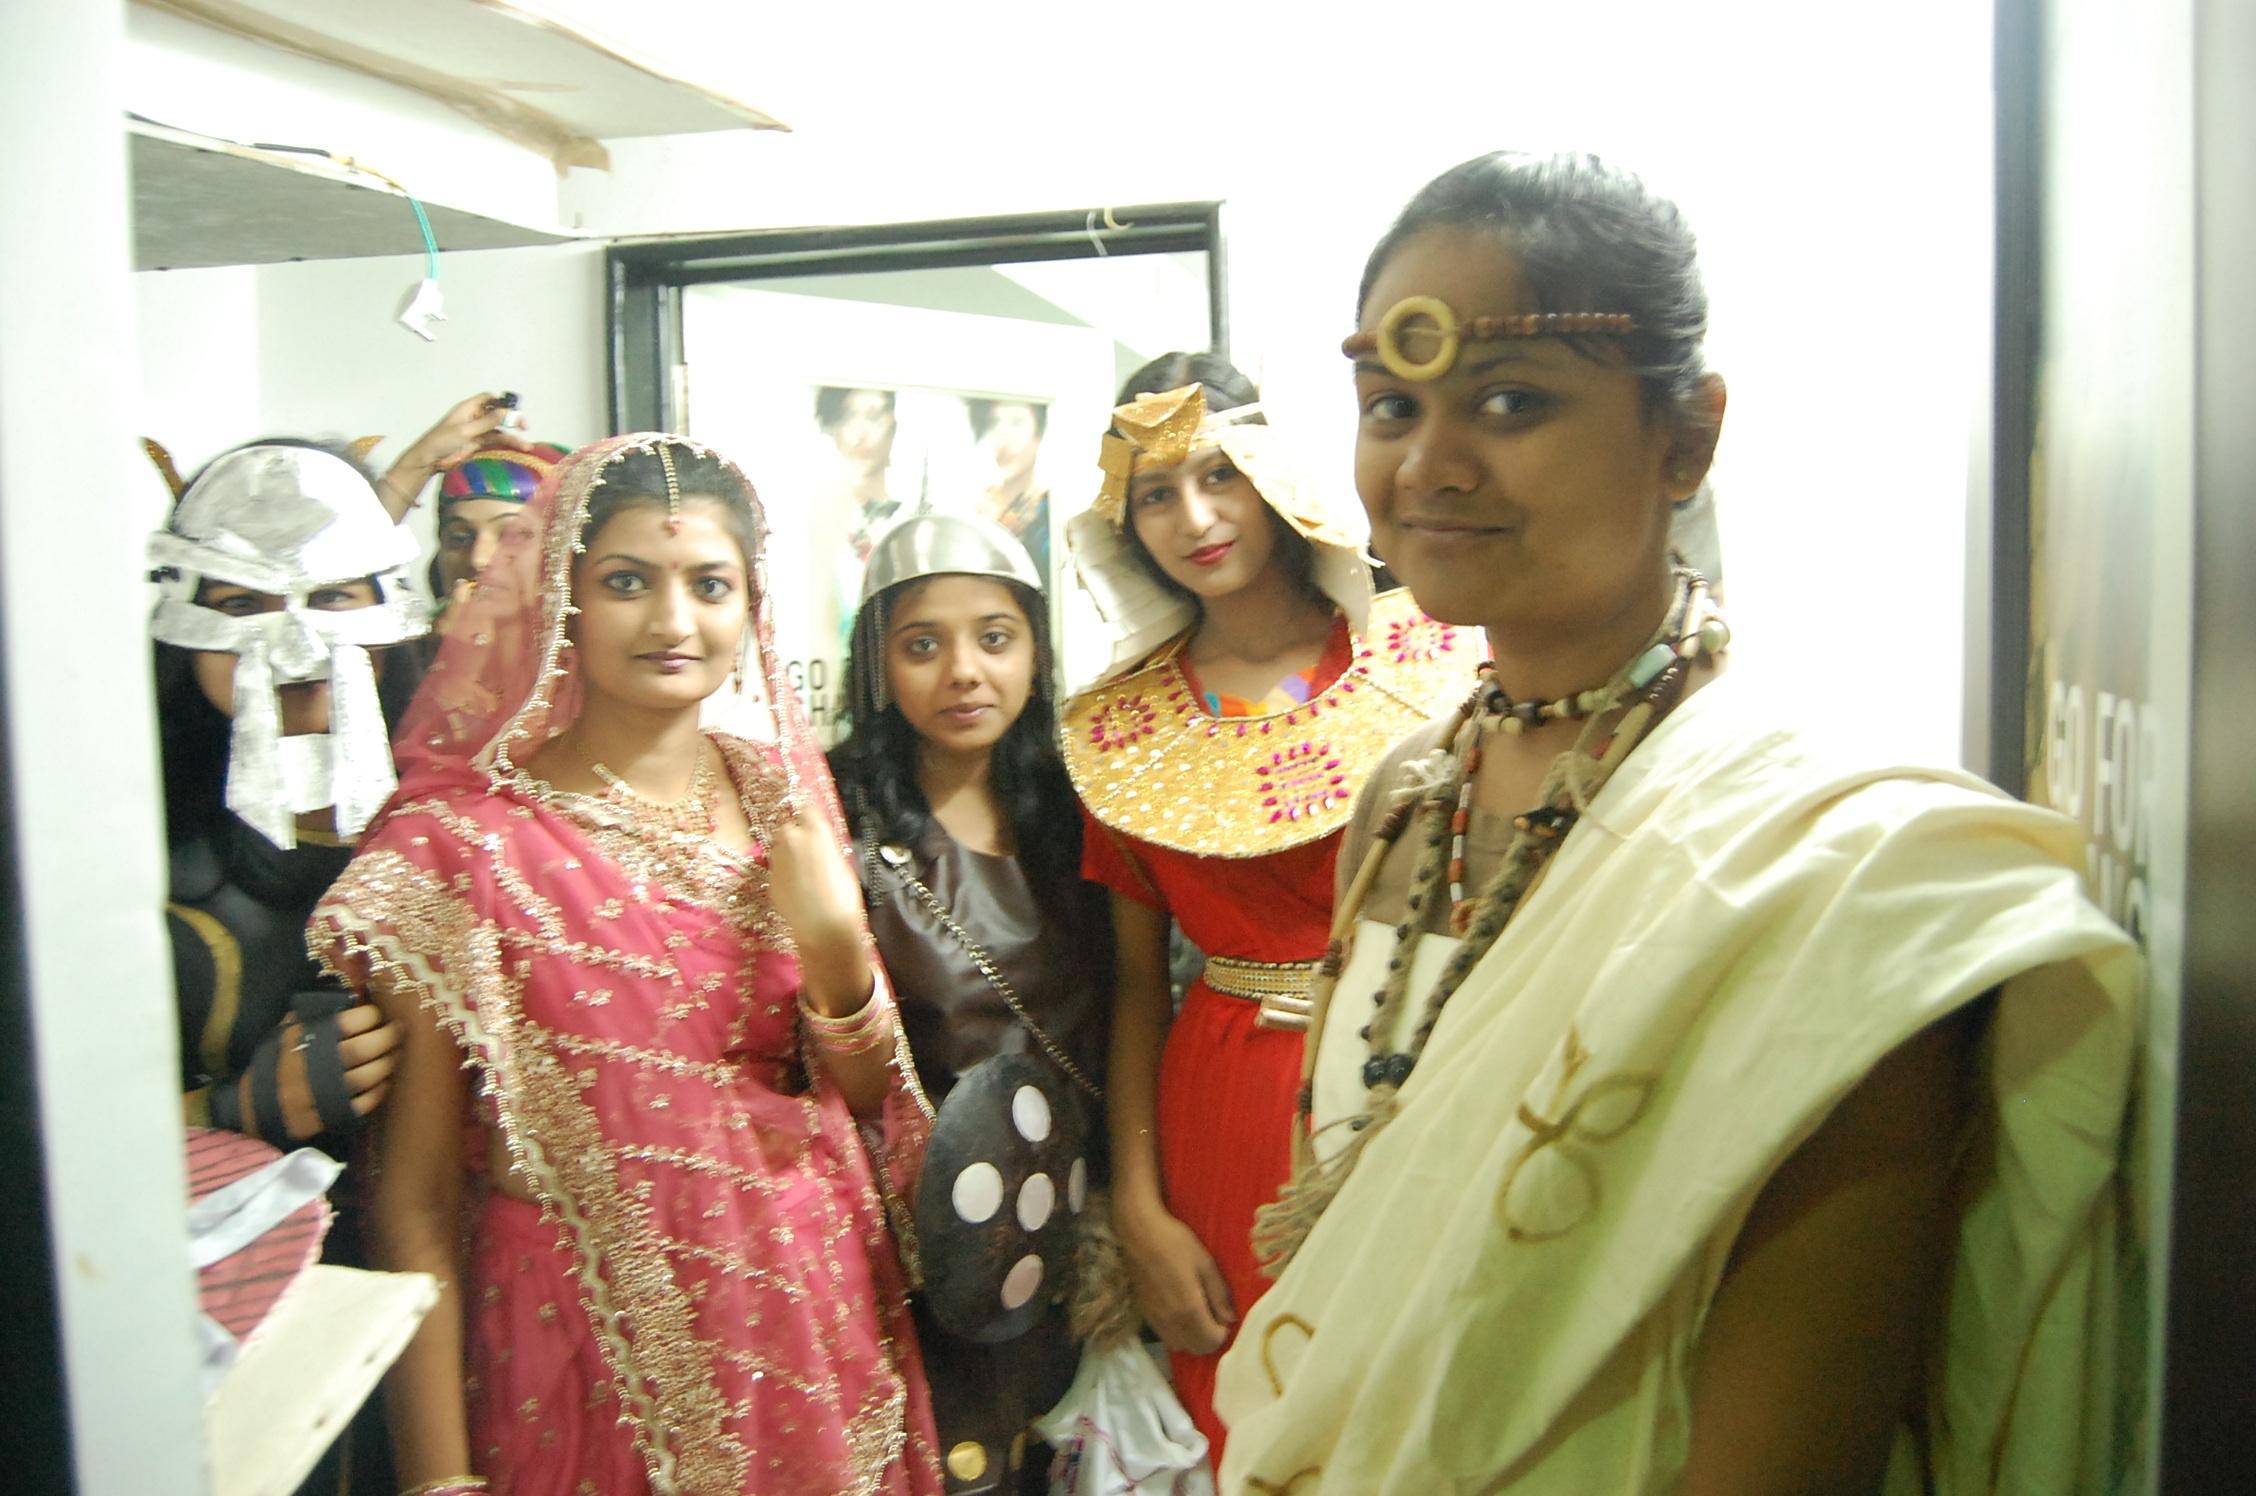 Exhibition on Ethnic Clothing